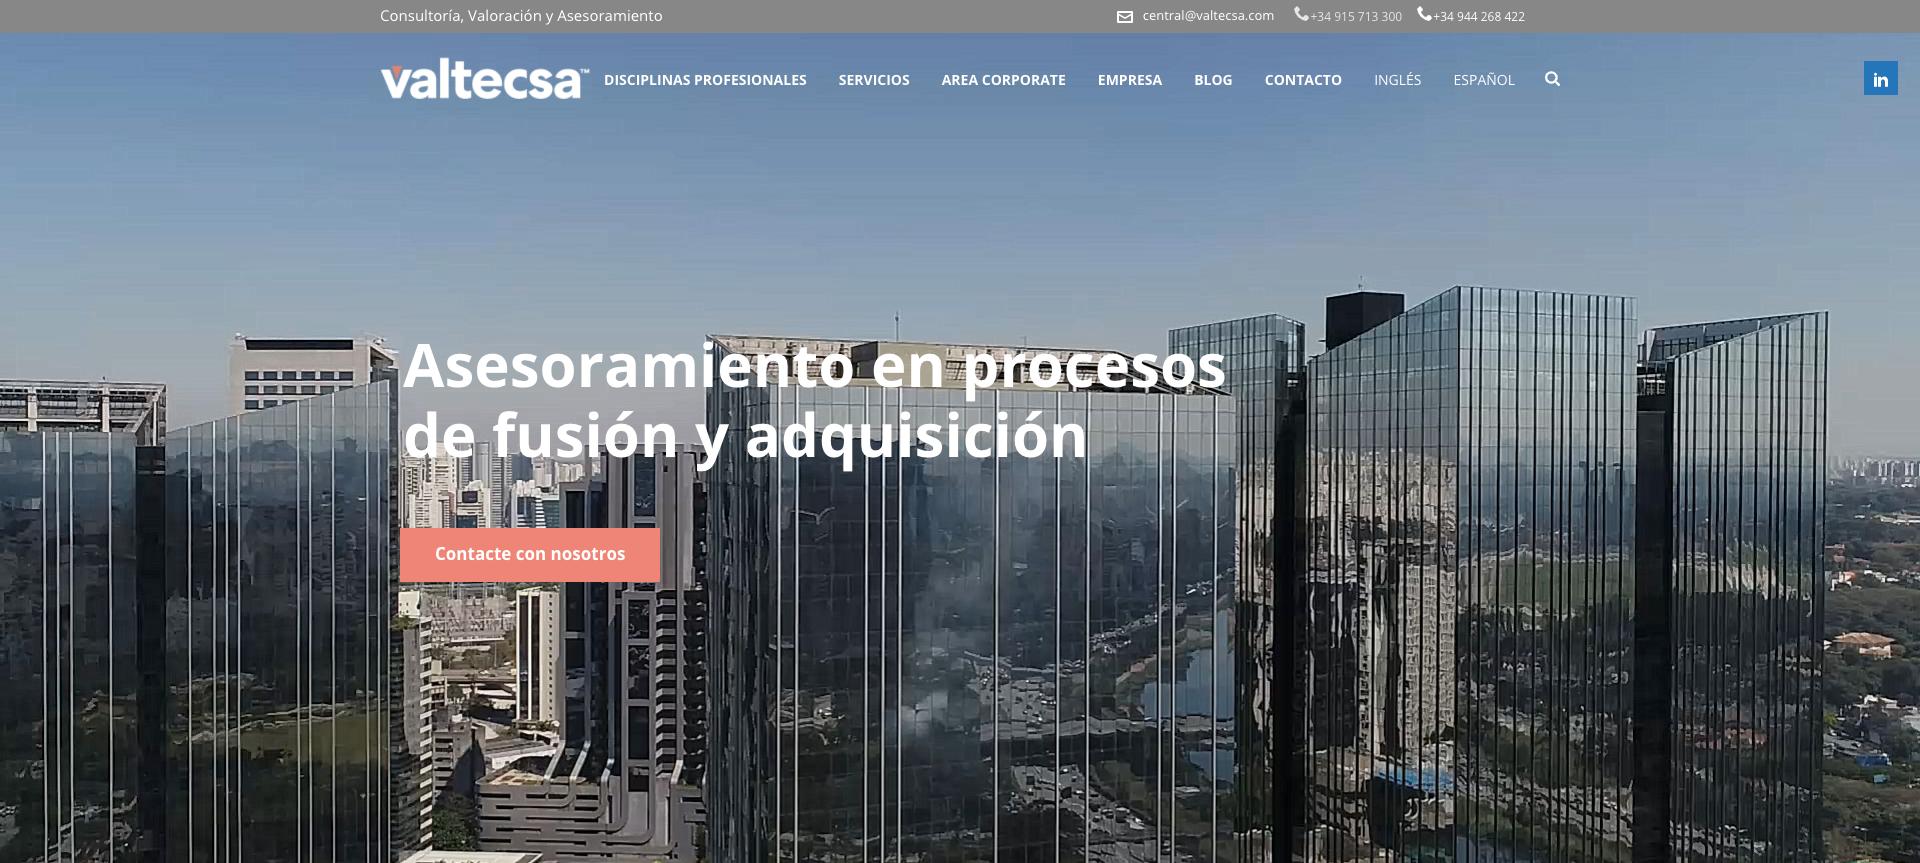 SEO Y SEM VALTECSA ES Y PT - Creación de Sitios Web